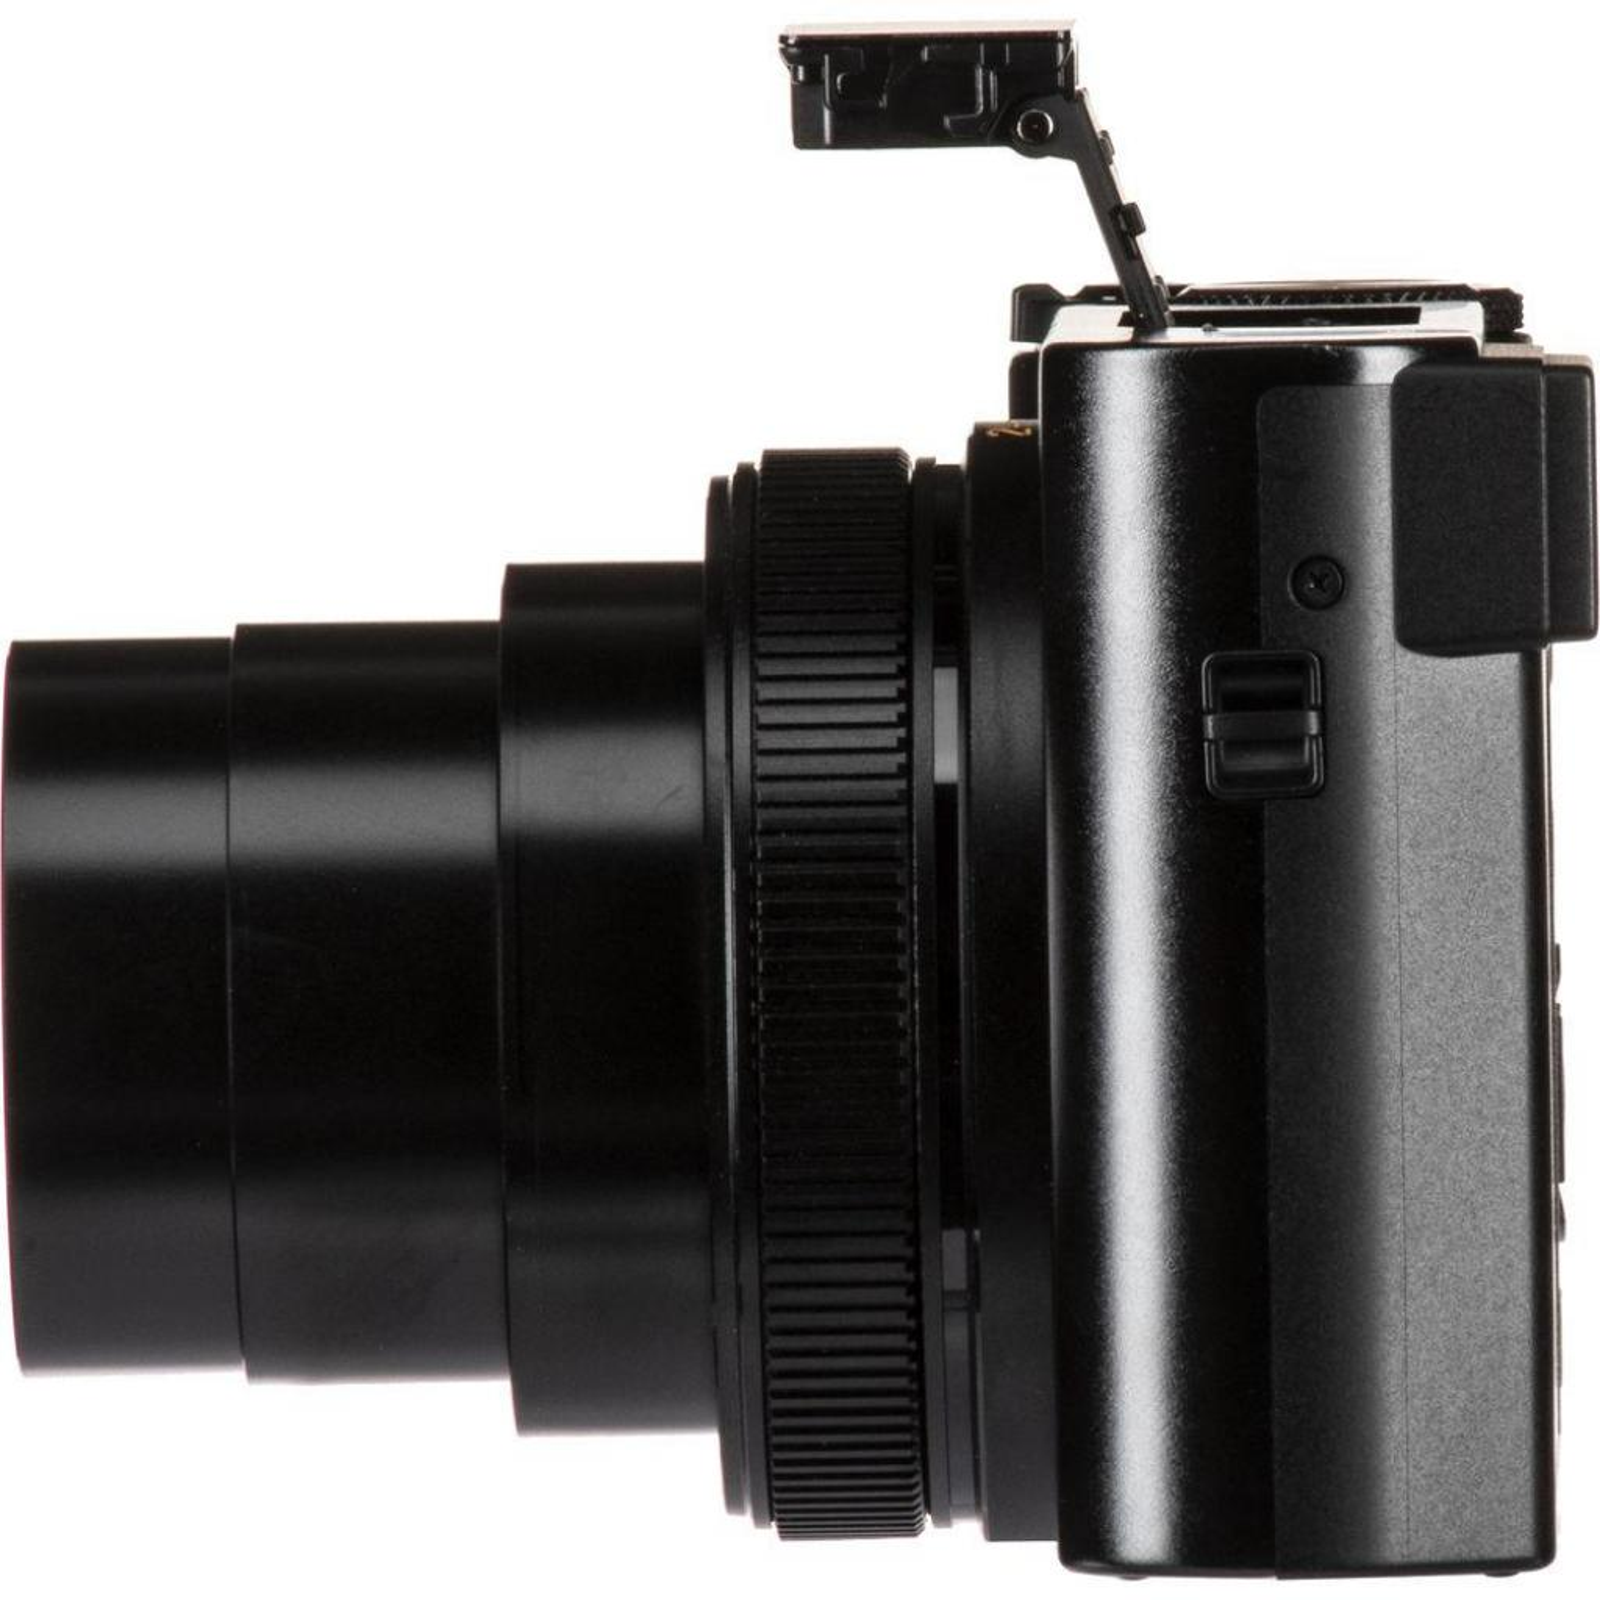 Цифровой фотоаппарат PANASONIC LUMIX DC-TZ200 Black (DC-TZ200EE-K) изображение 8